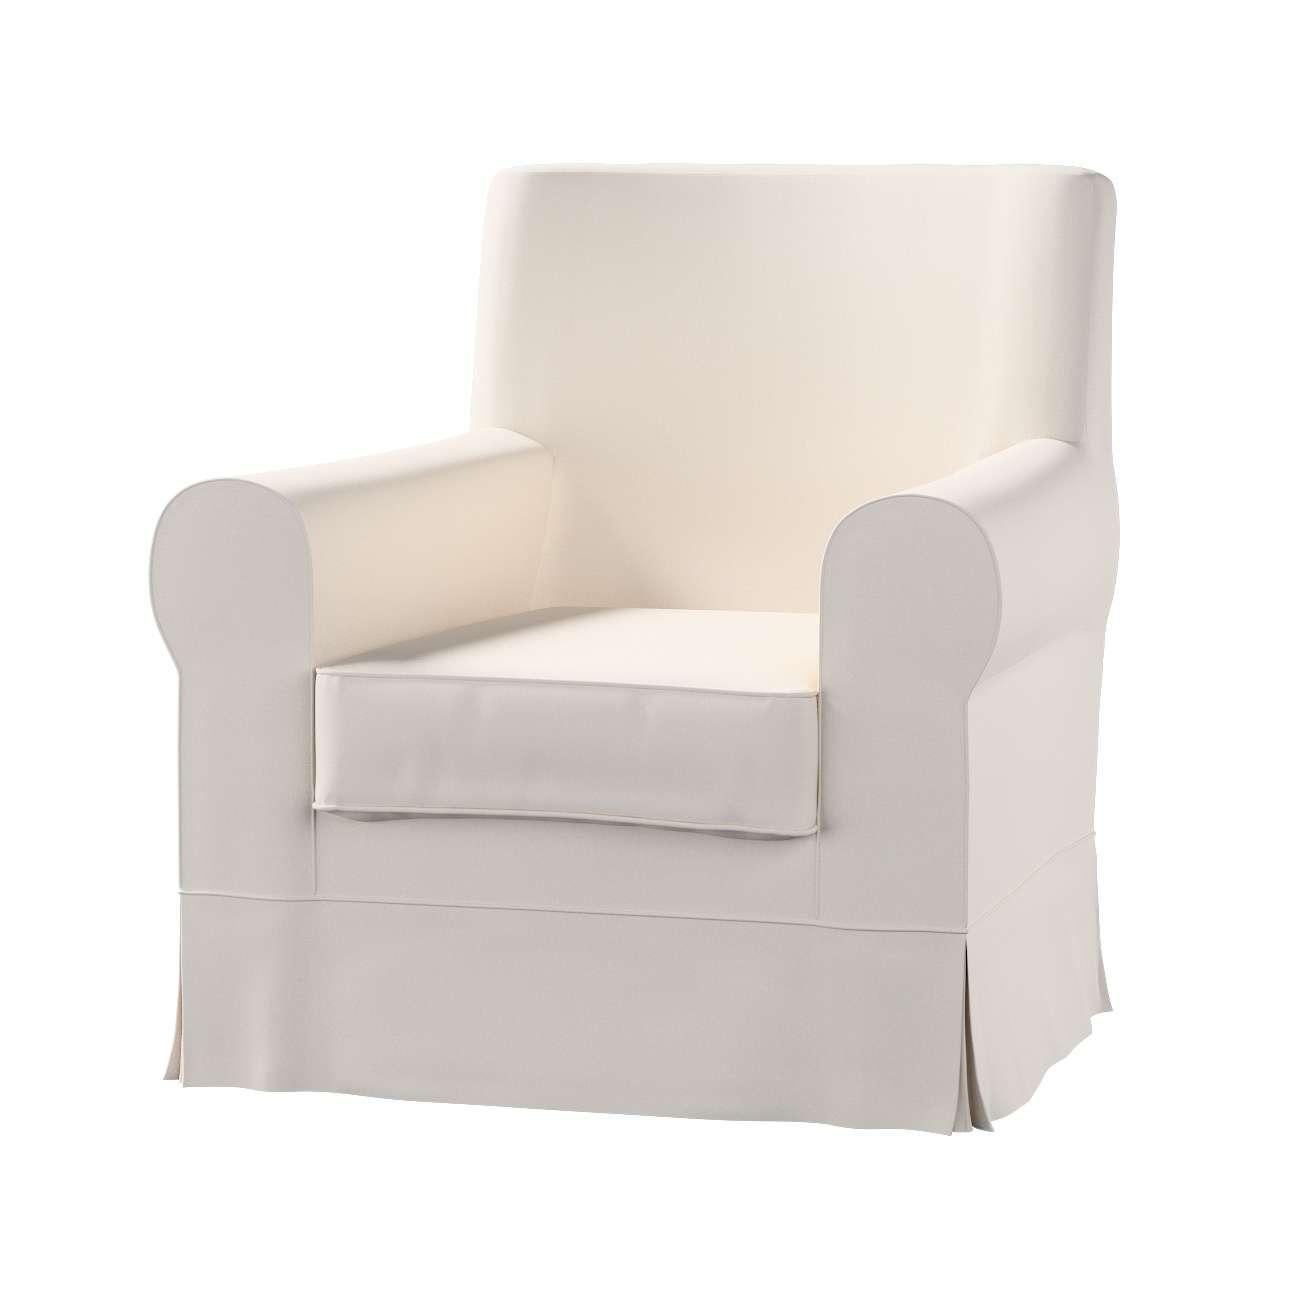 Pokrowiec na fotel Ektorp Jennylund Fotel Ektorp Jennylund w kolekcji Etna , tkanina: 705-01